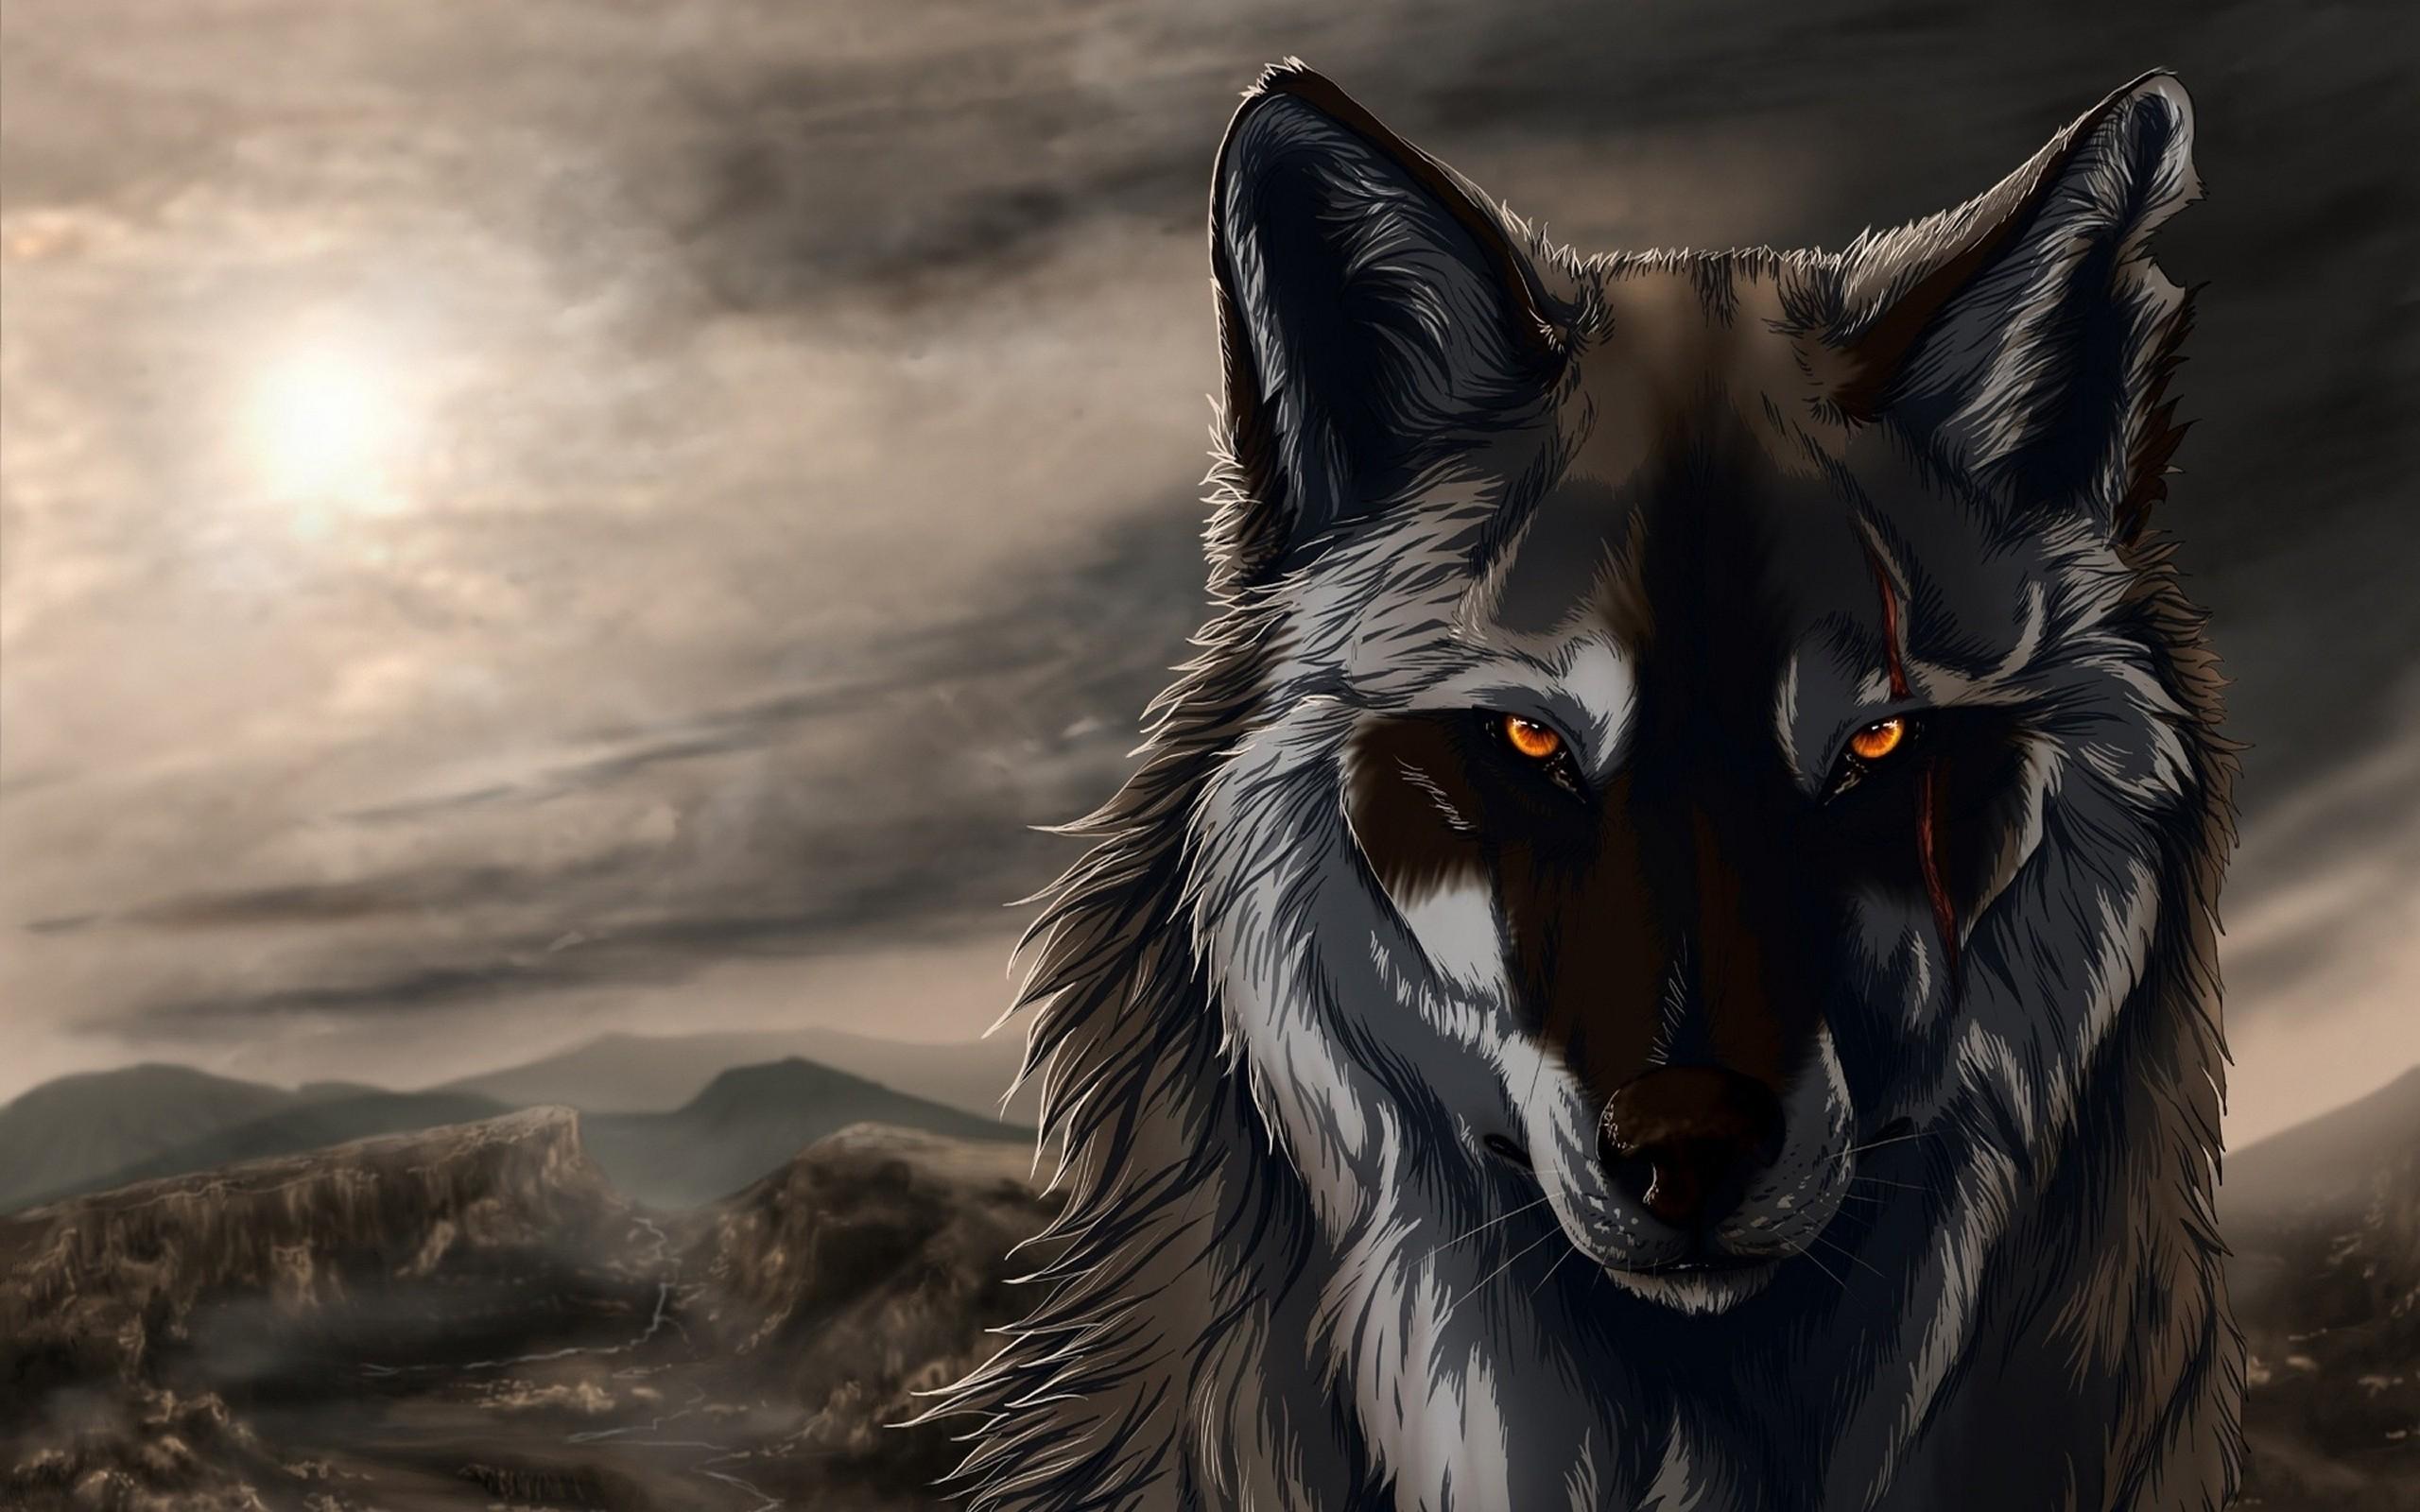 Dark wolf by ethan Milligan